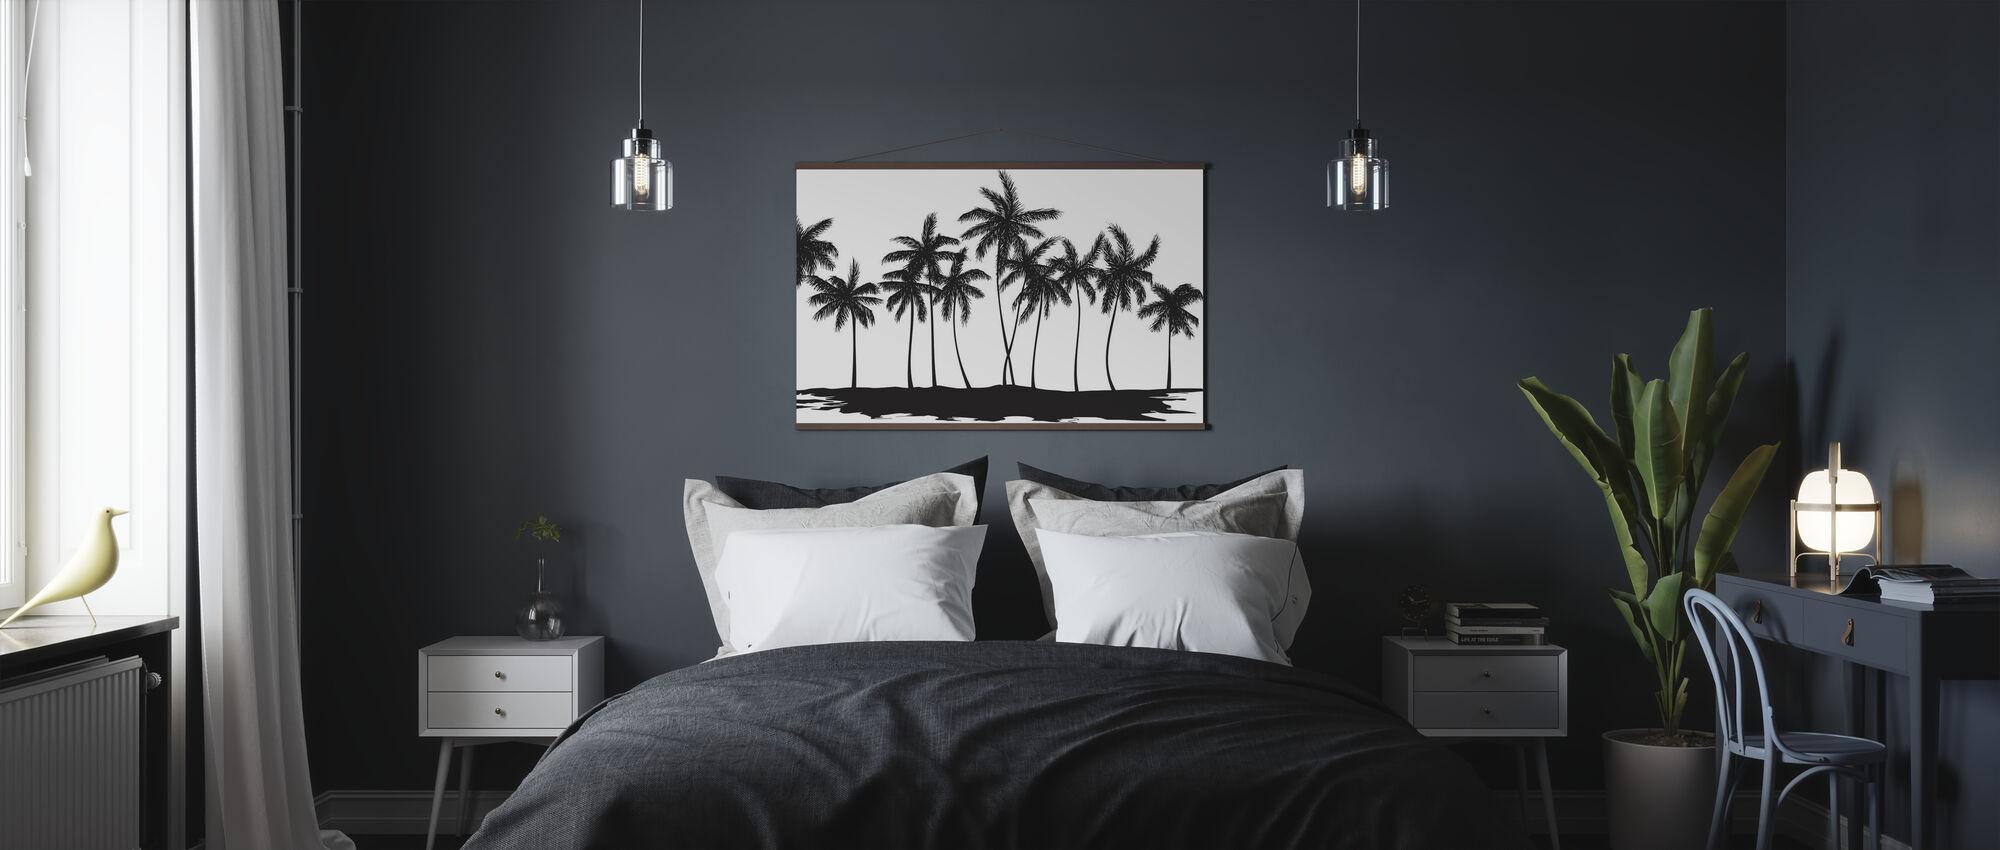 Handflächen - Poster - Schlafzimmer